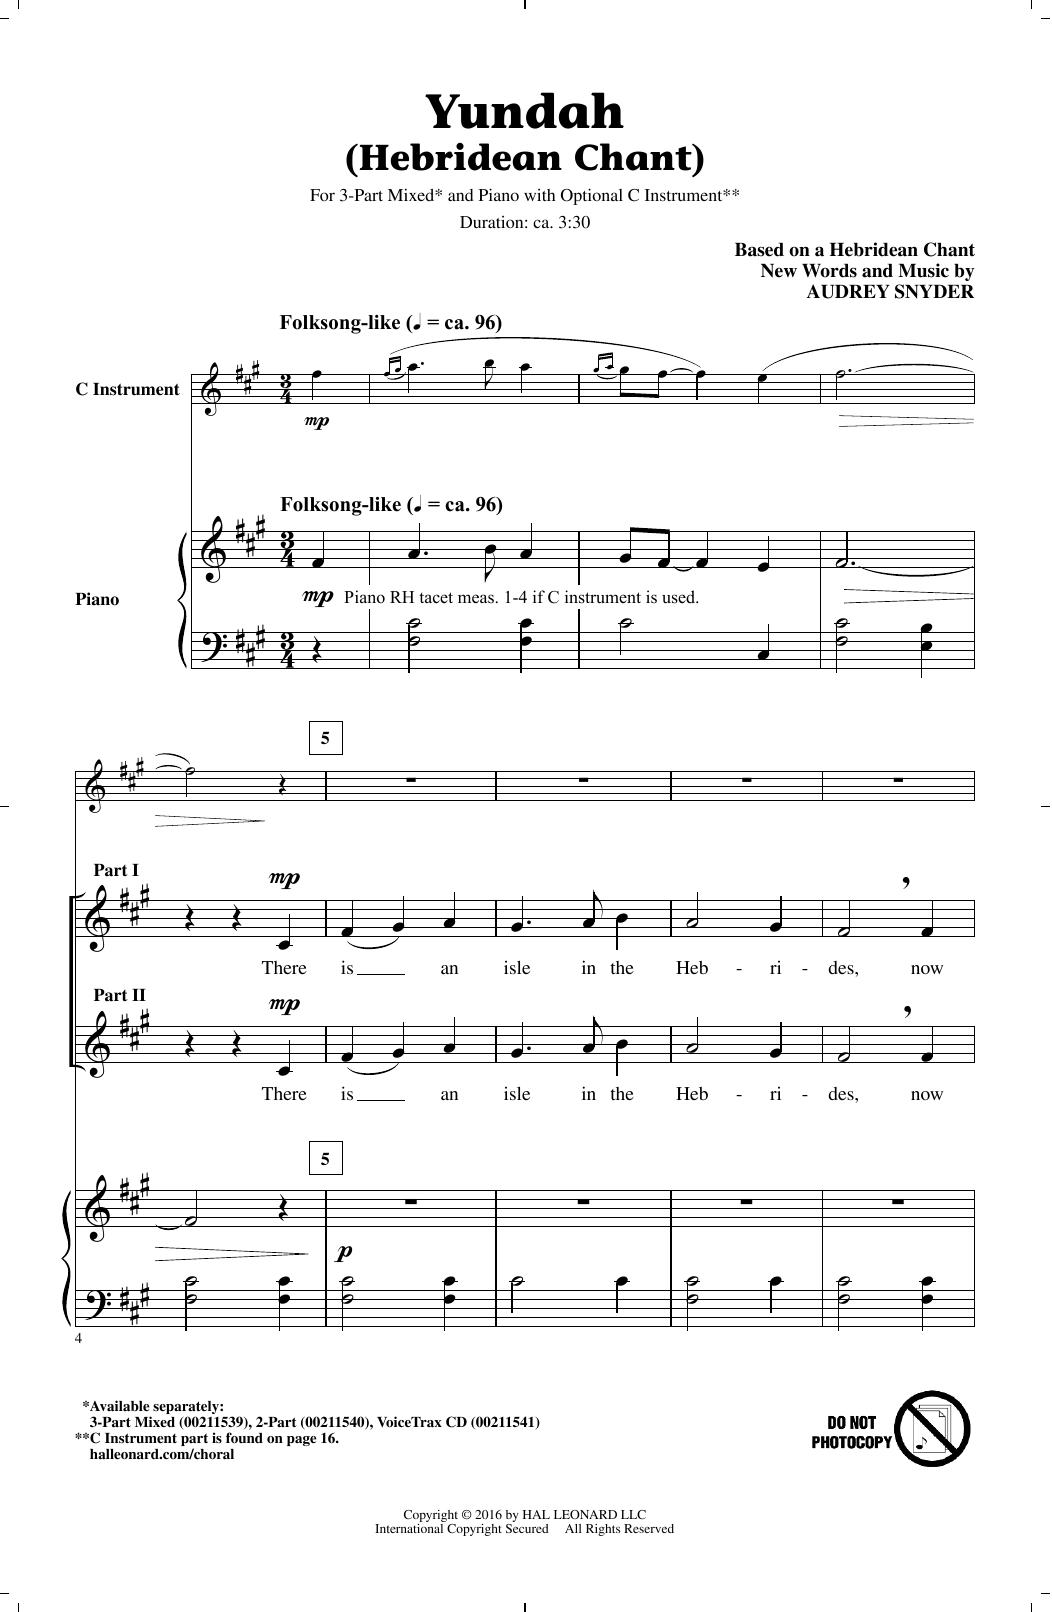 Yundah (Hebridean Chant) (3-Part Mixed Choir)